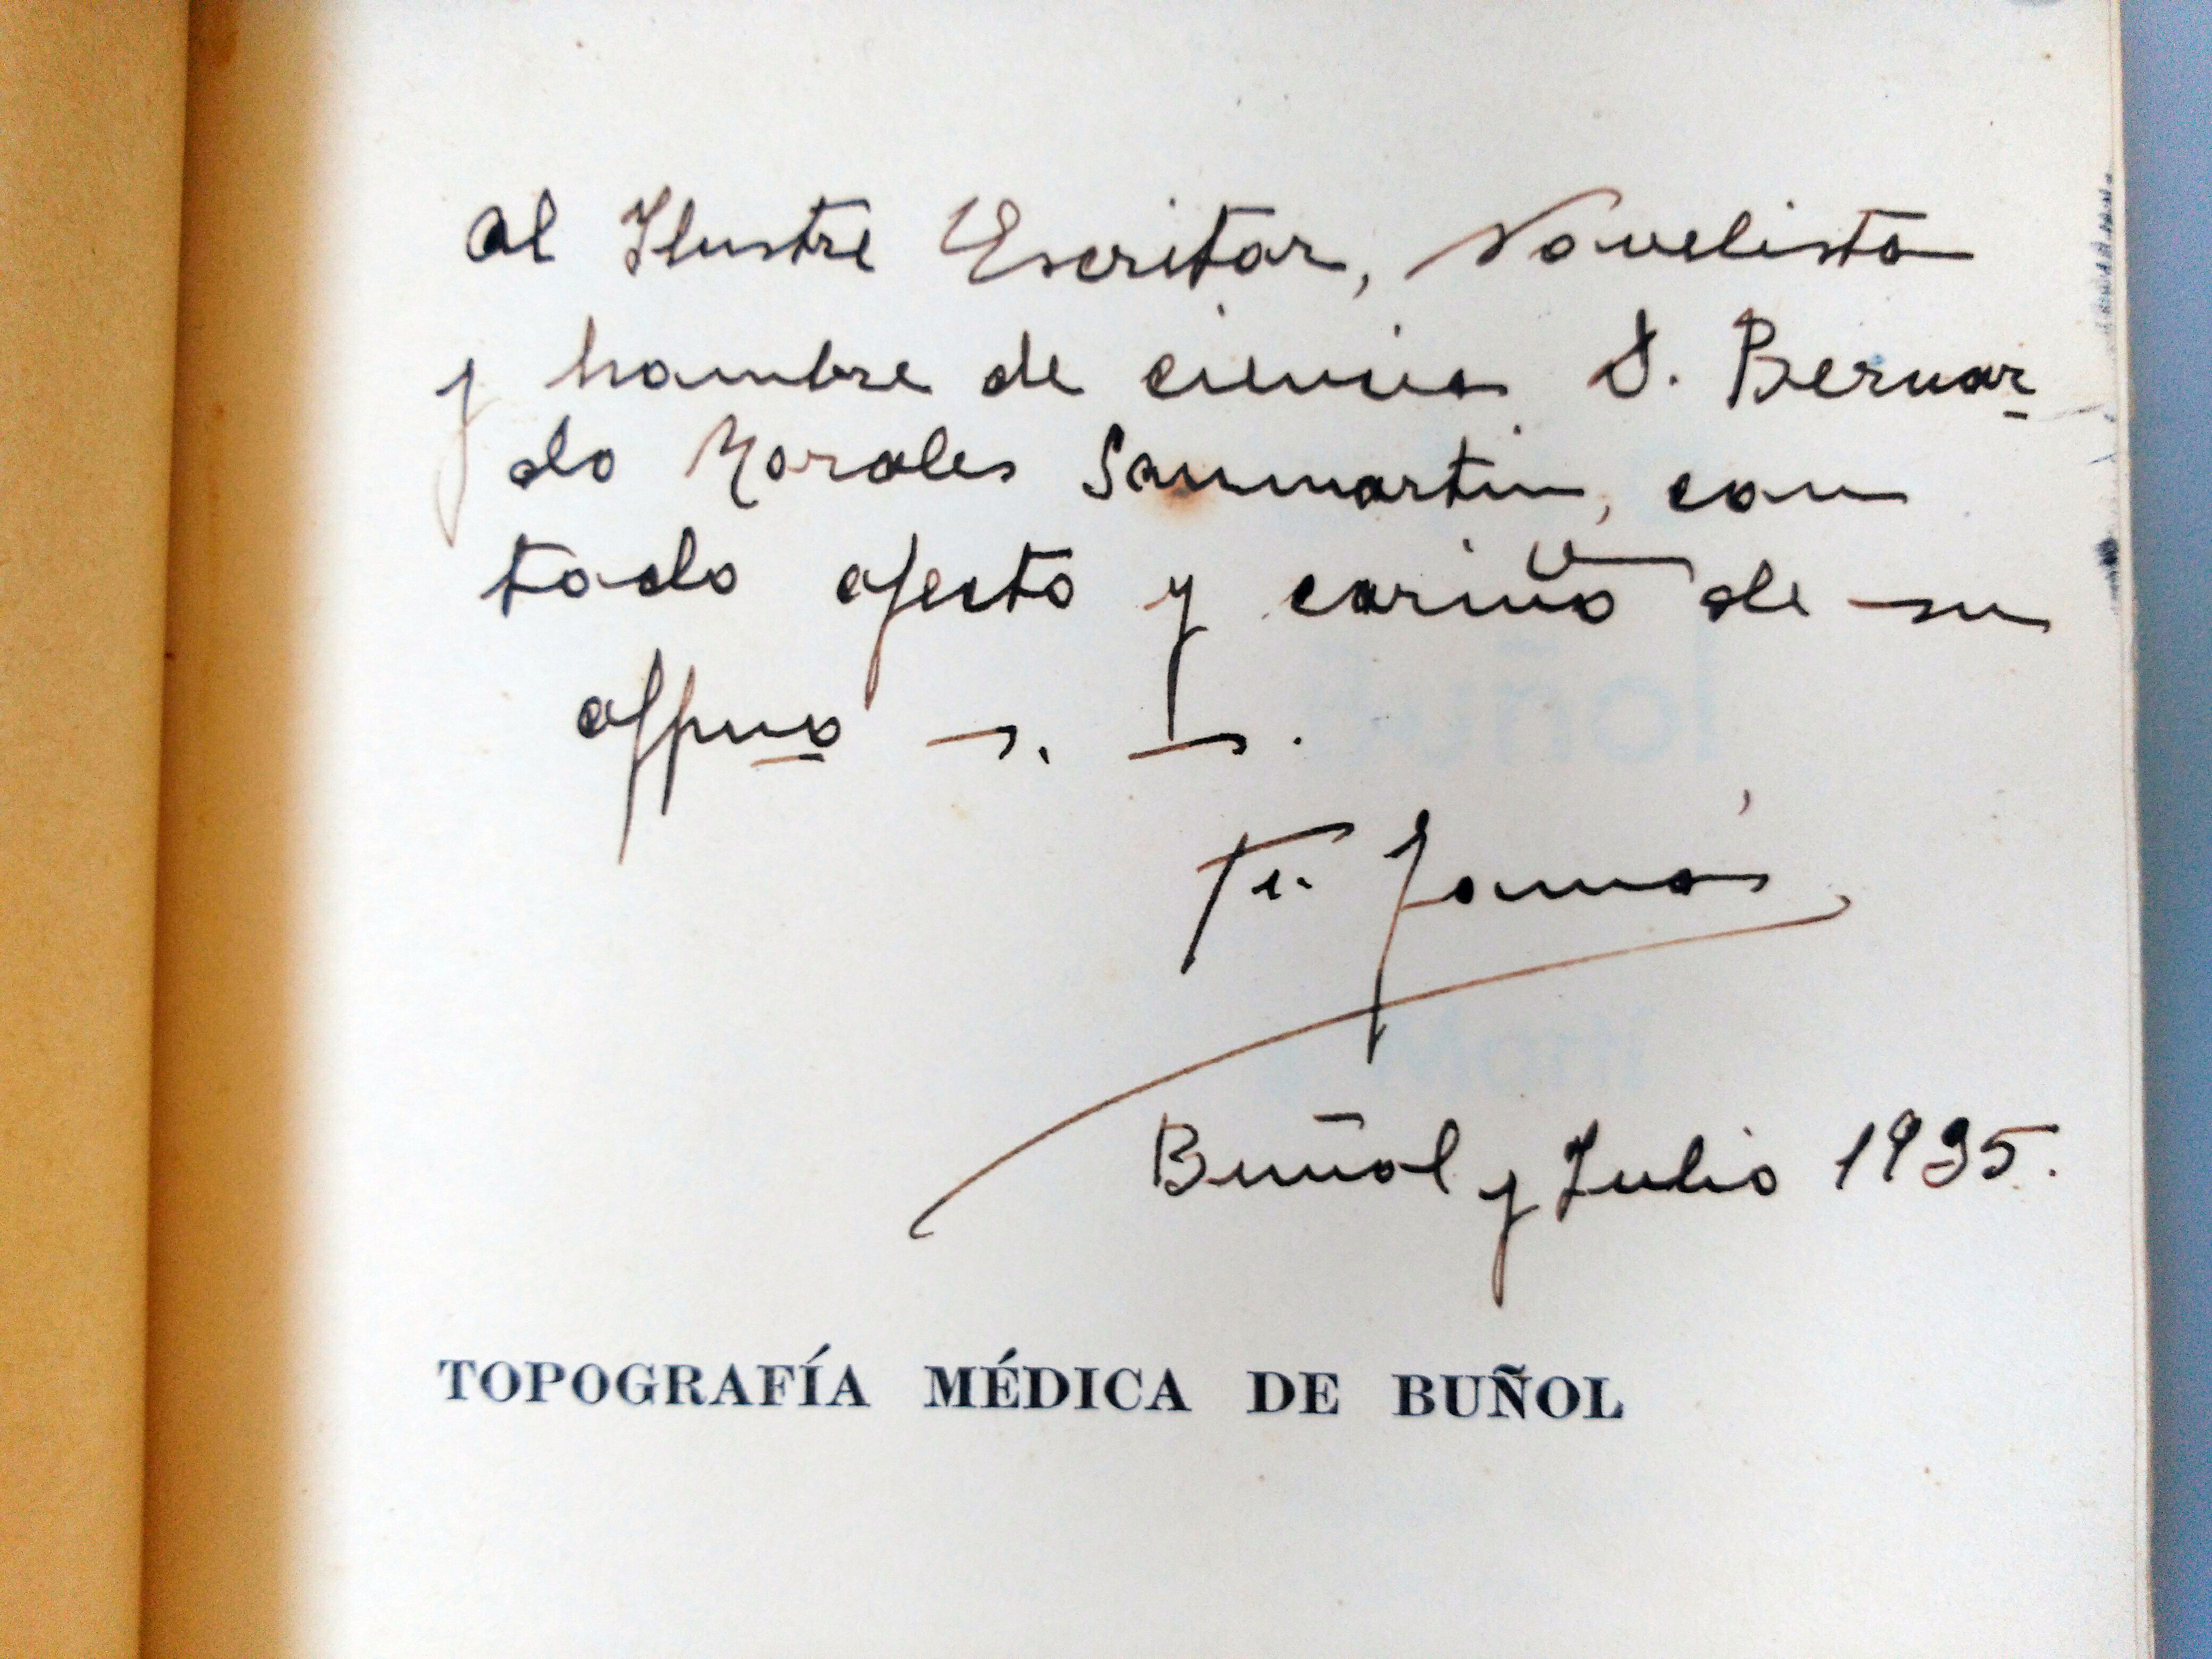 Anteportada de la Topografía Médica de Buñol (ed. 1935) dedicada por su autor, Facundo Tomás al escritor valenciano Bernardo Morales.